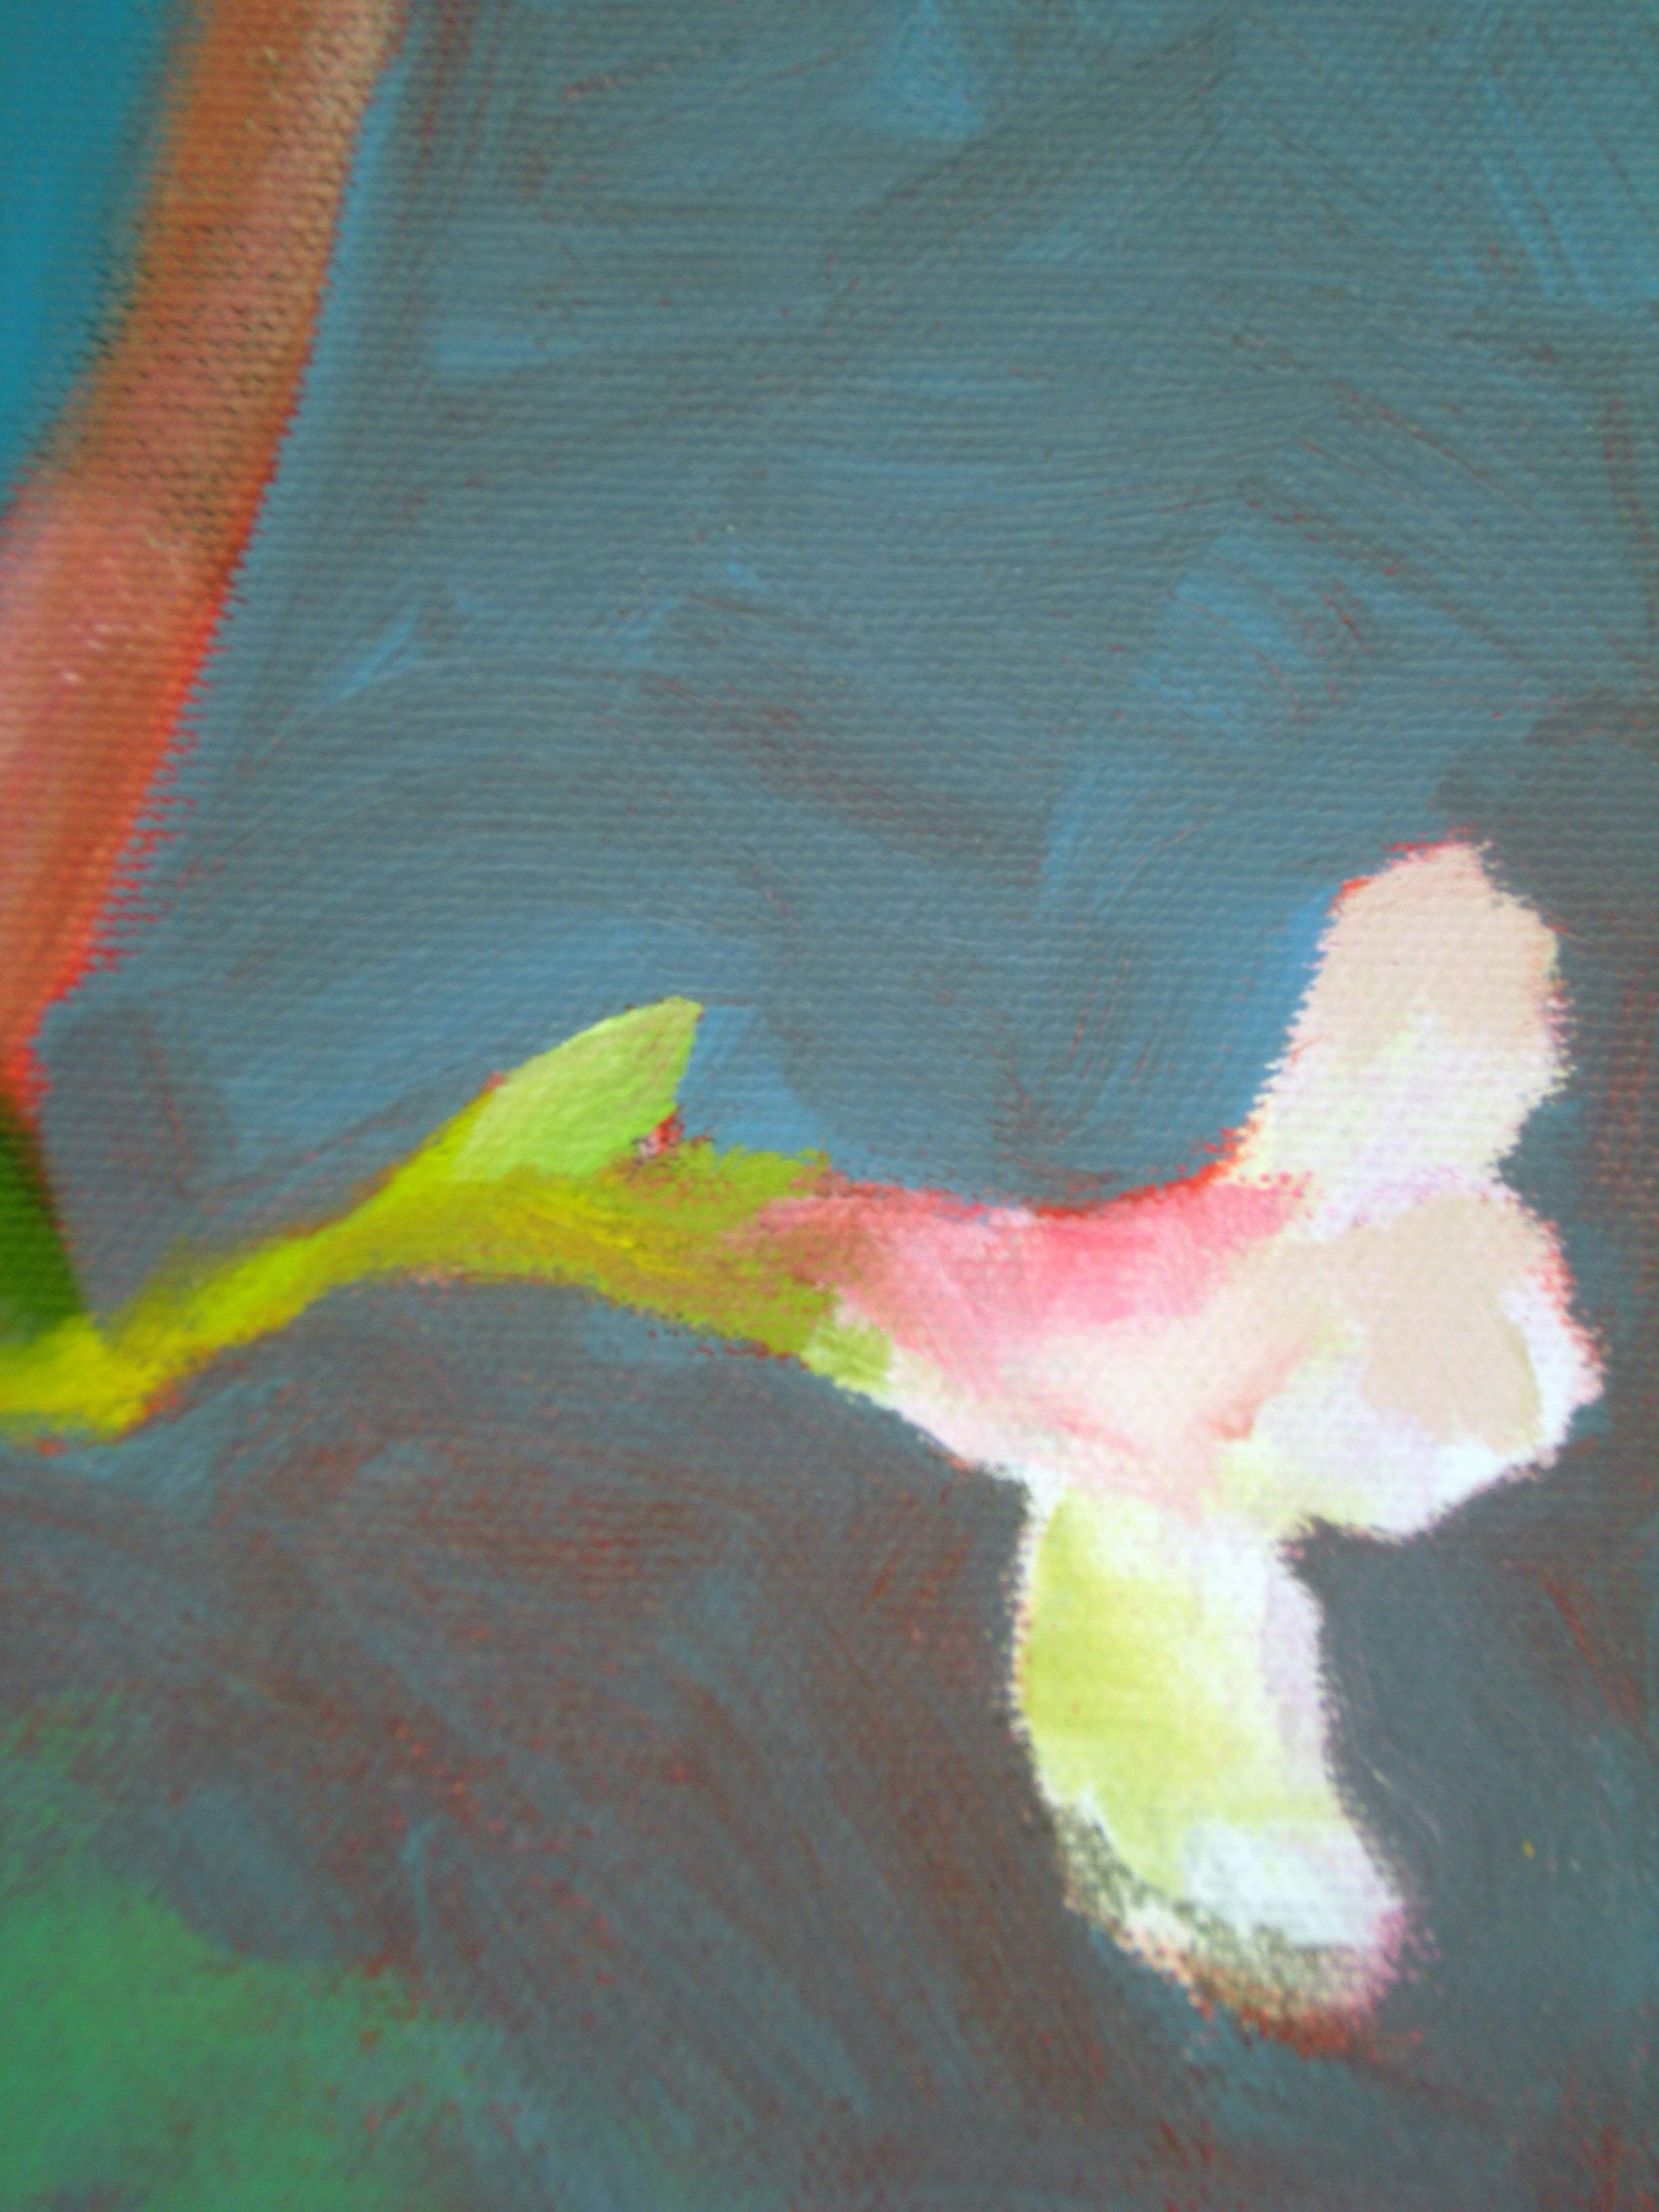 Zakkumda Kus Detayi 2 (Bird in Oleander Detail 2)